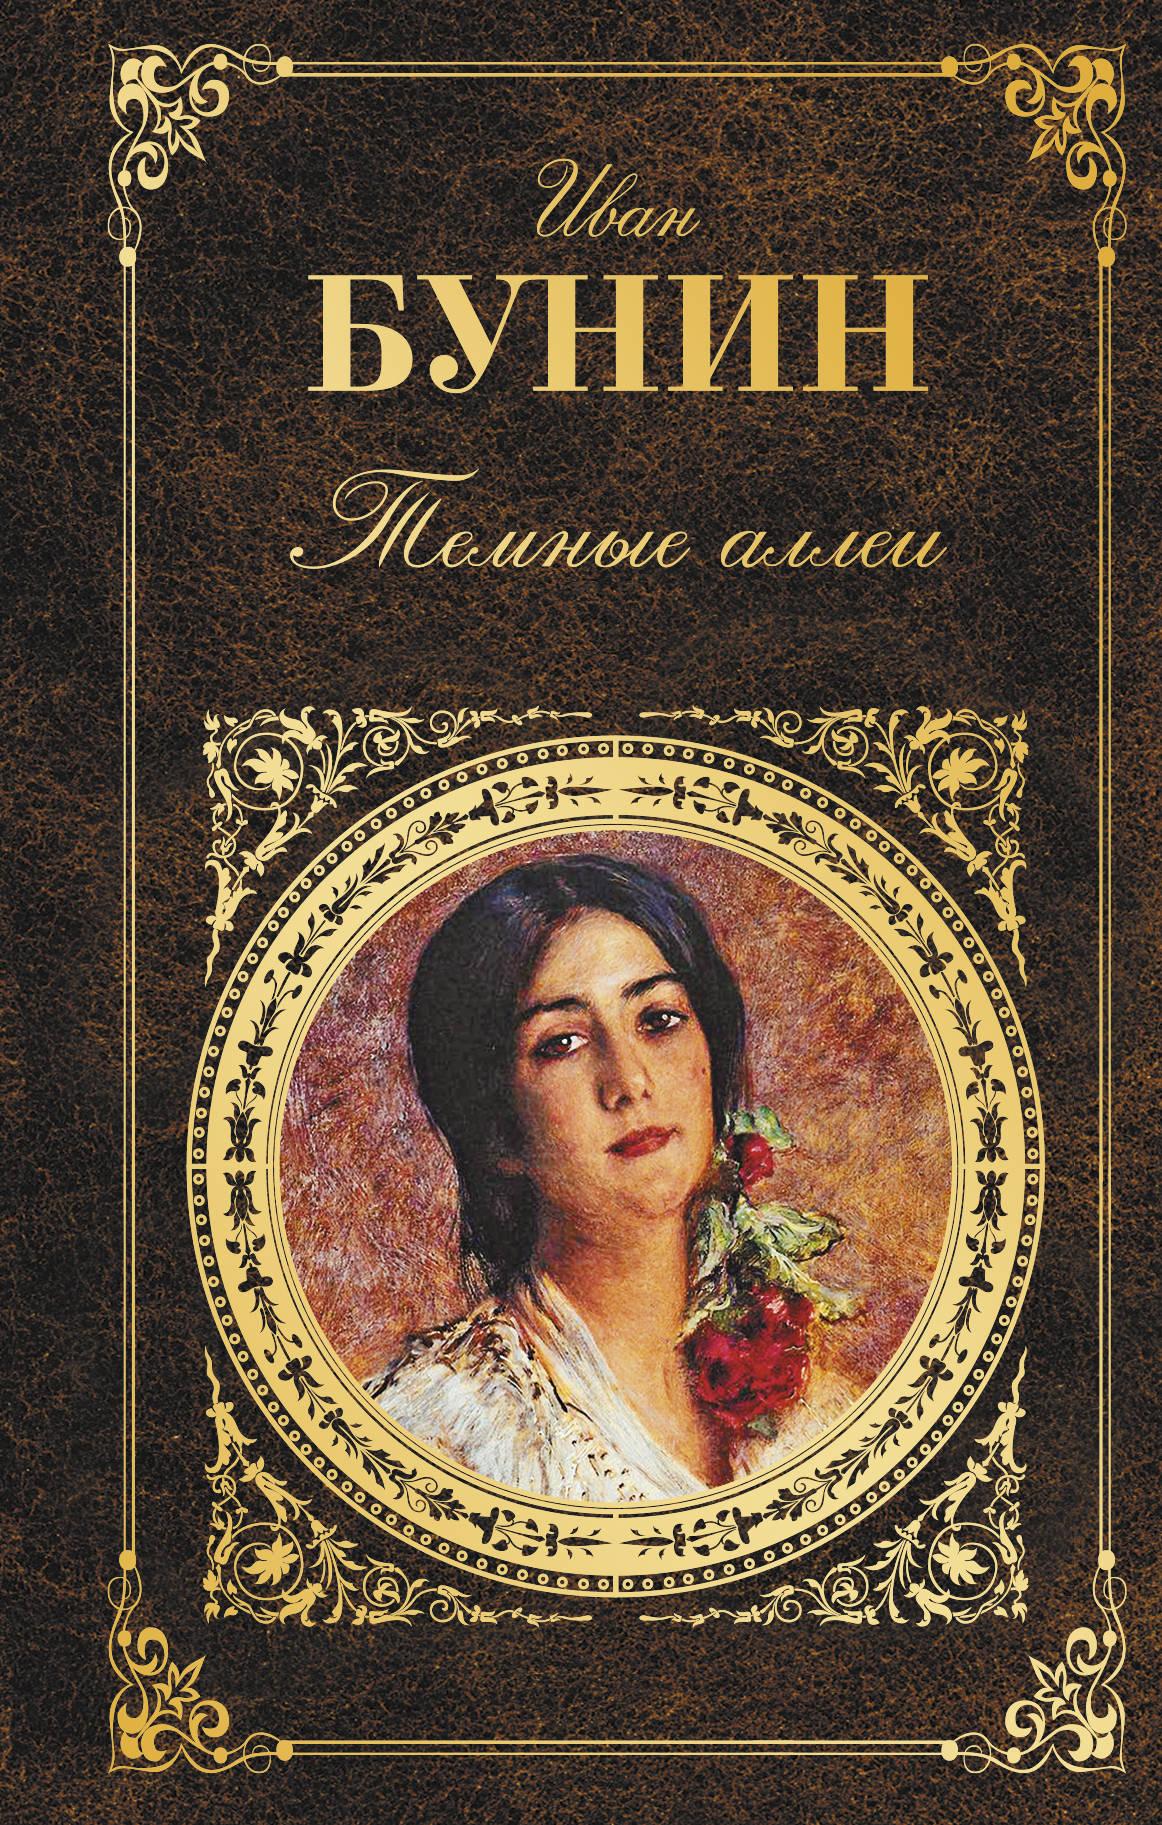 купить Иван Бунин Темные аллеи по цене 254 рублей